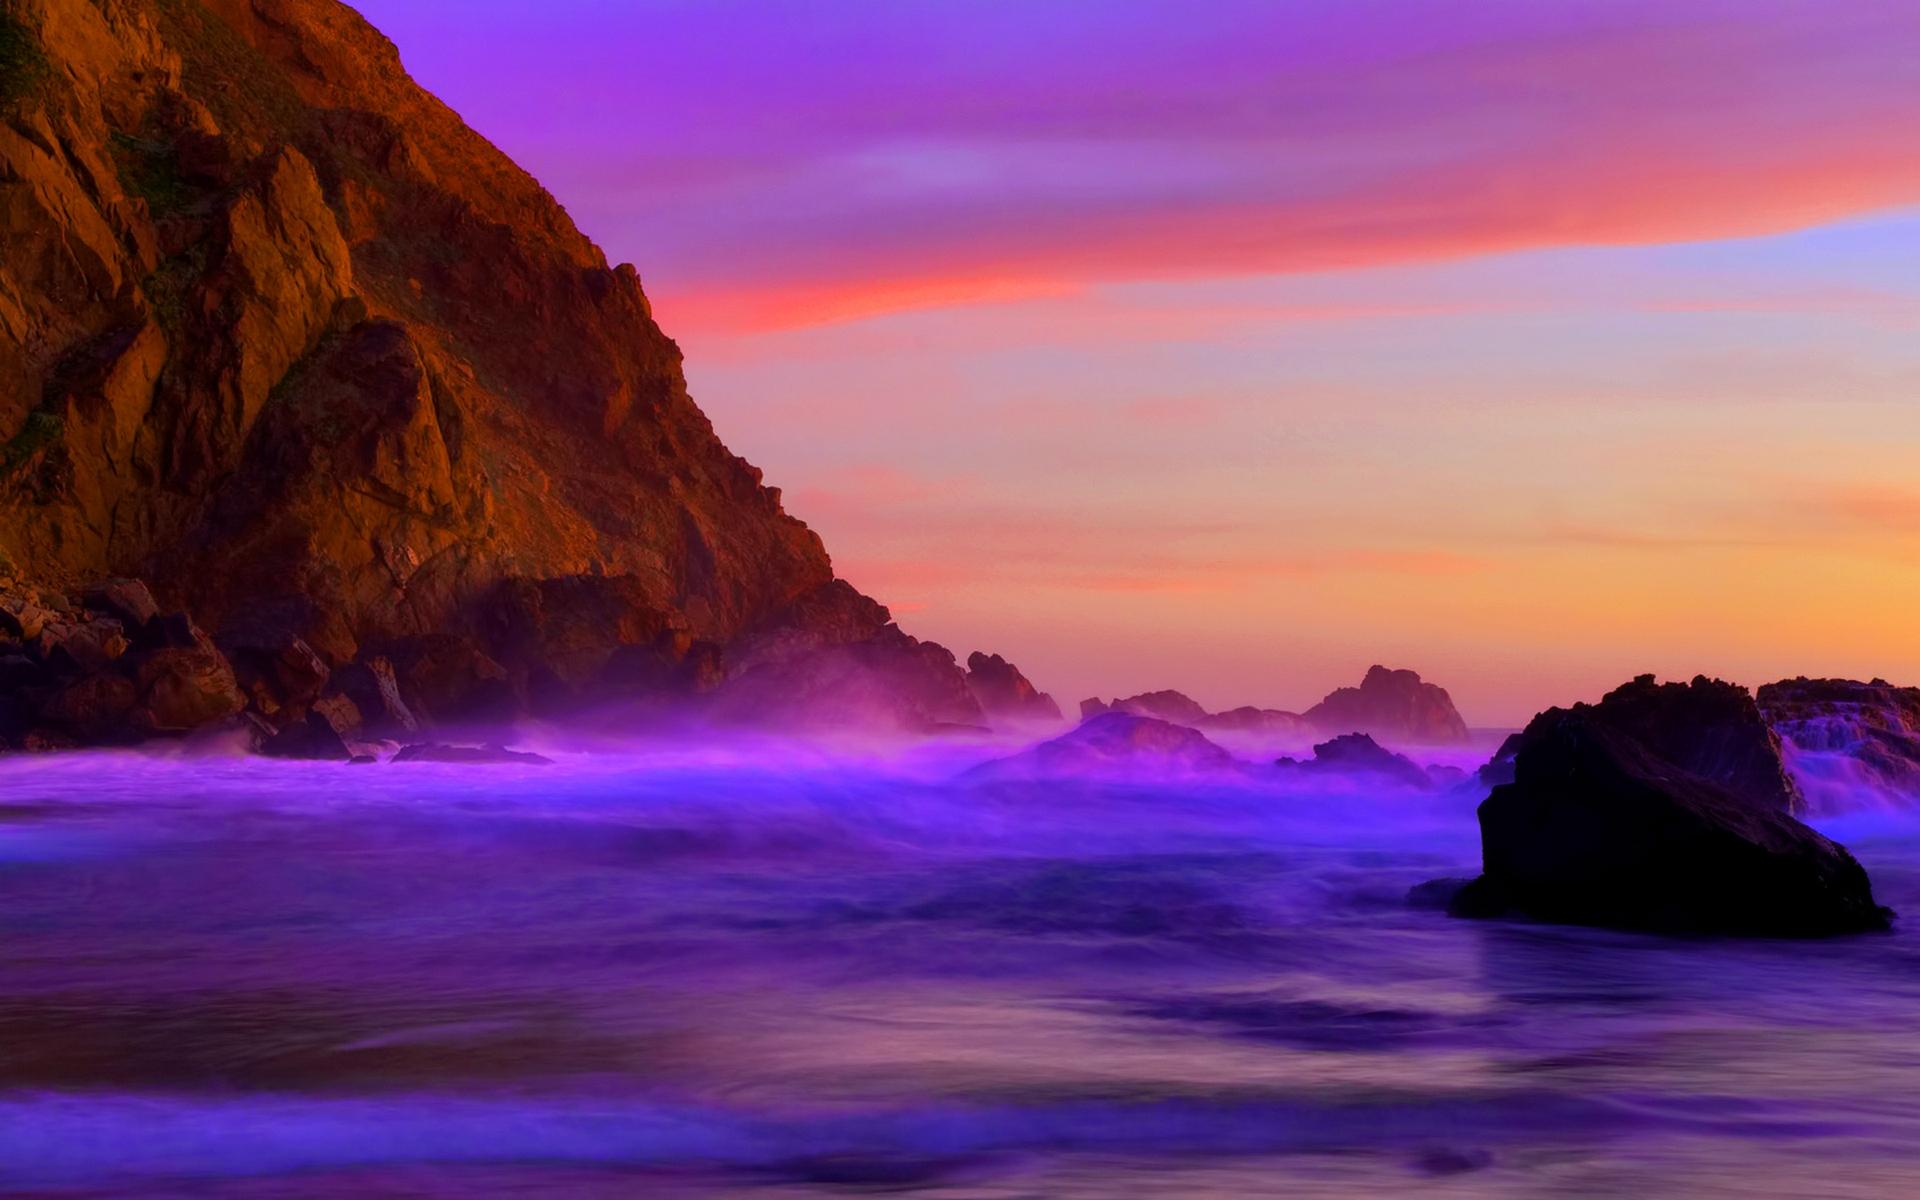 download wallpapers purple ocean - photo #17